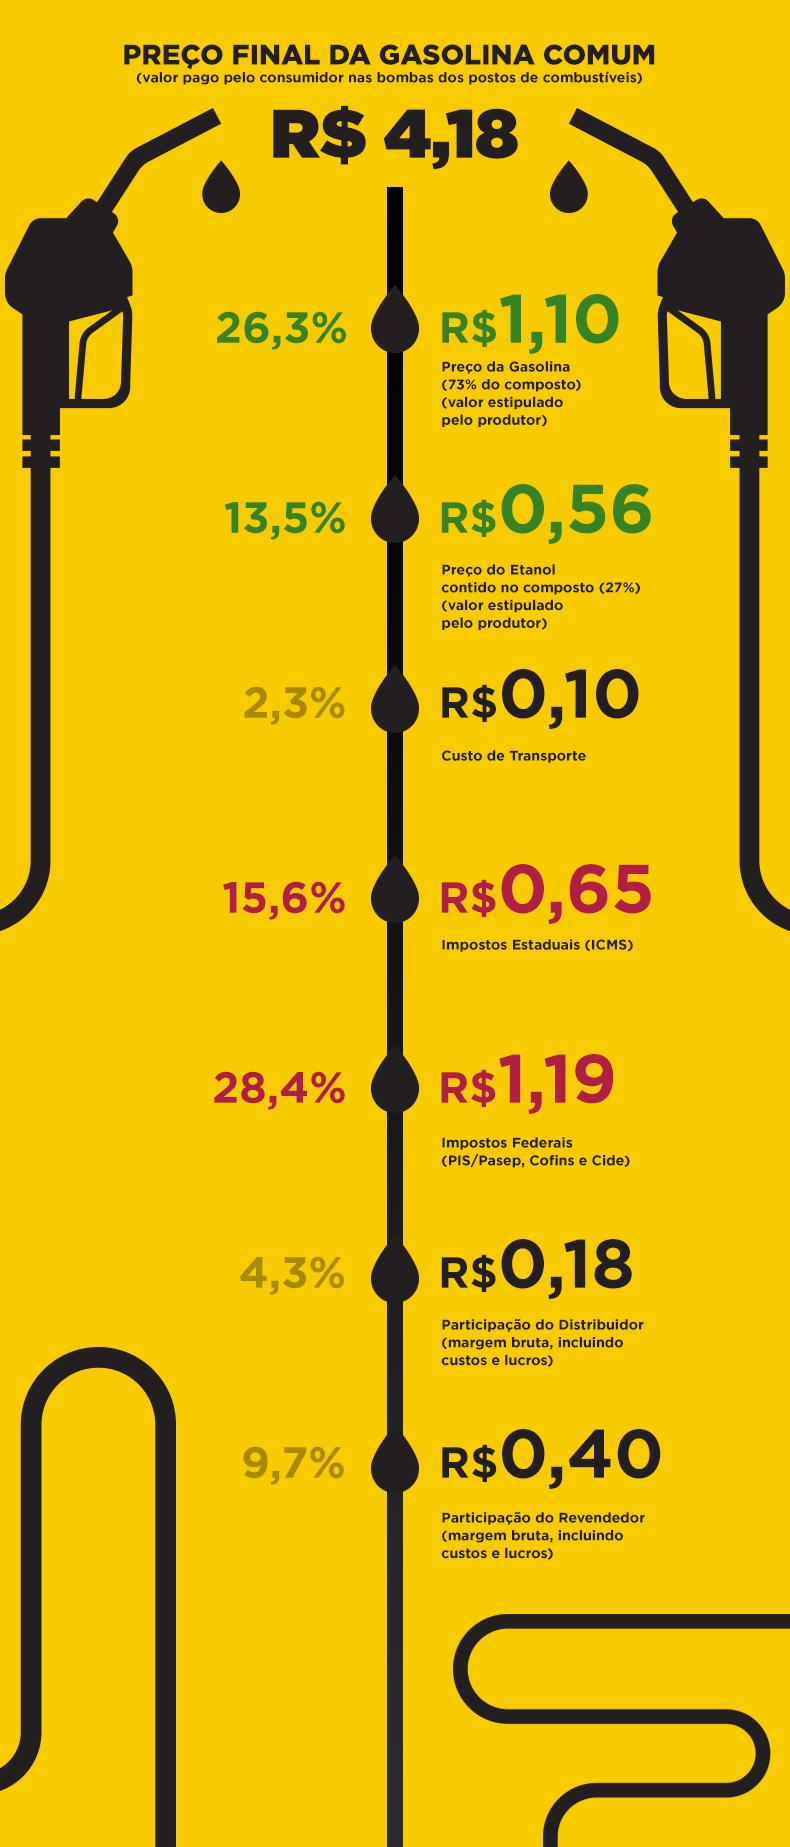 ANP agora descreve o que você paga quando abastece o seu carro. Era se esperar: 44% do preço da gasolina é composto por impostos. O valor supera o gasto com o composto de combustível (gasolina e etanol).